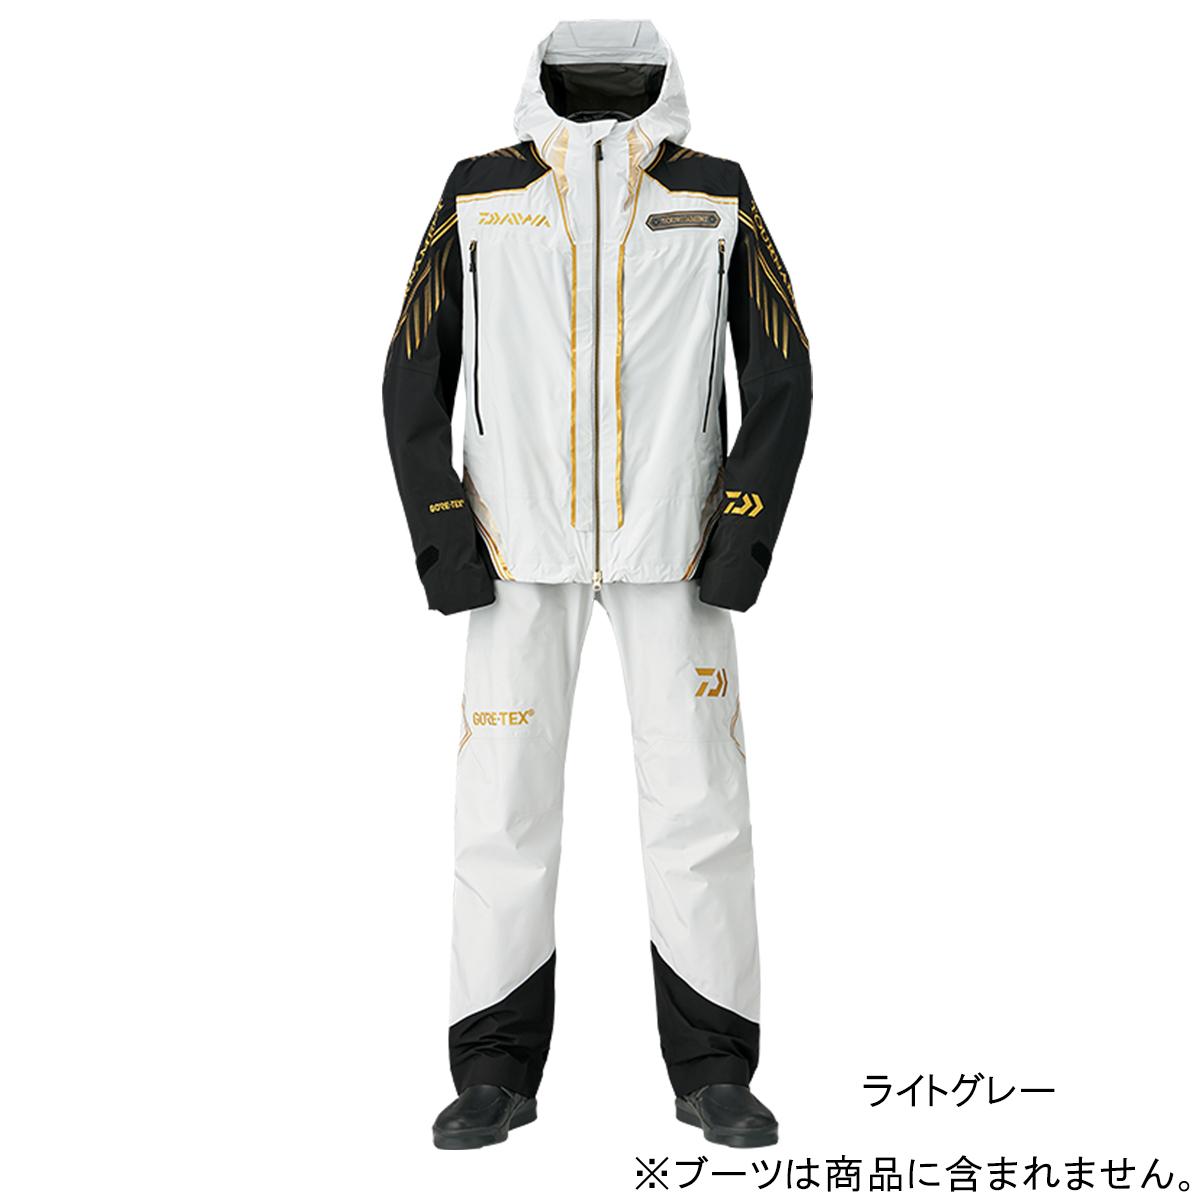 ダイワ トーナメント ゴアテックス パックライト レインスーツ DR-1008T XL ライトグレー【送料無料】